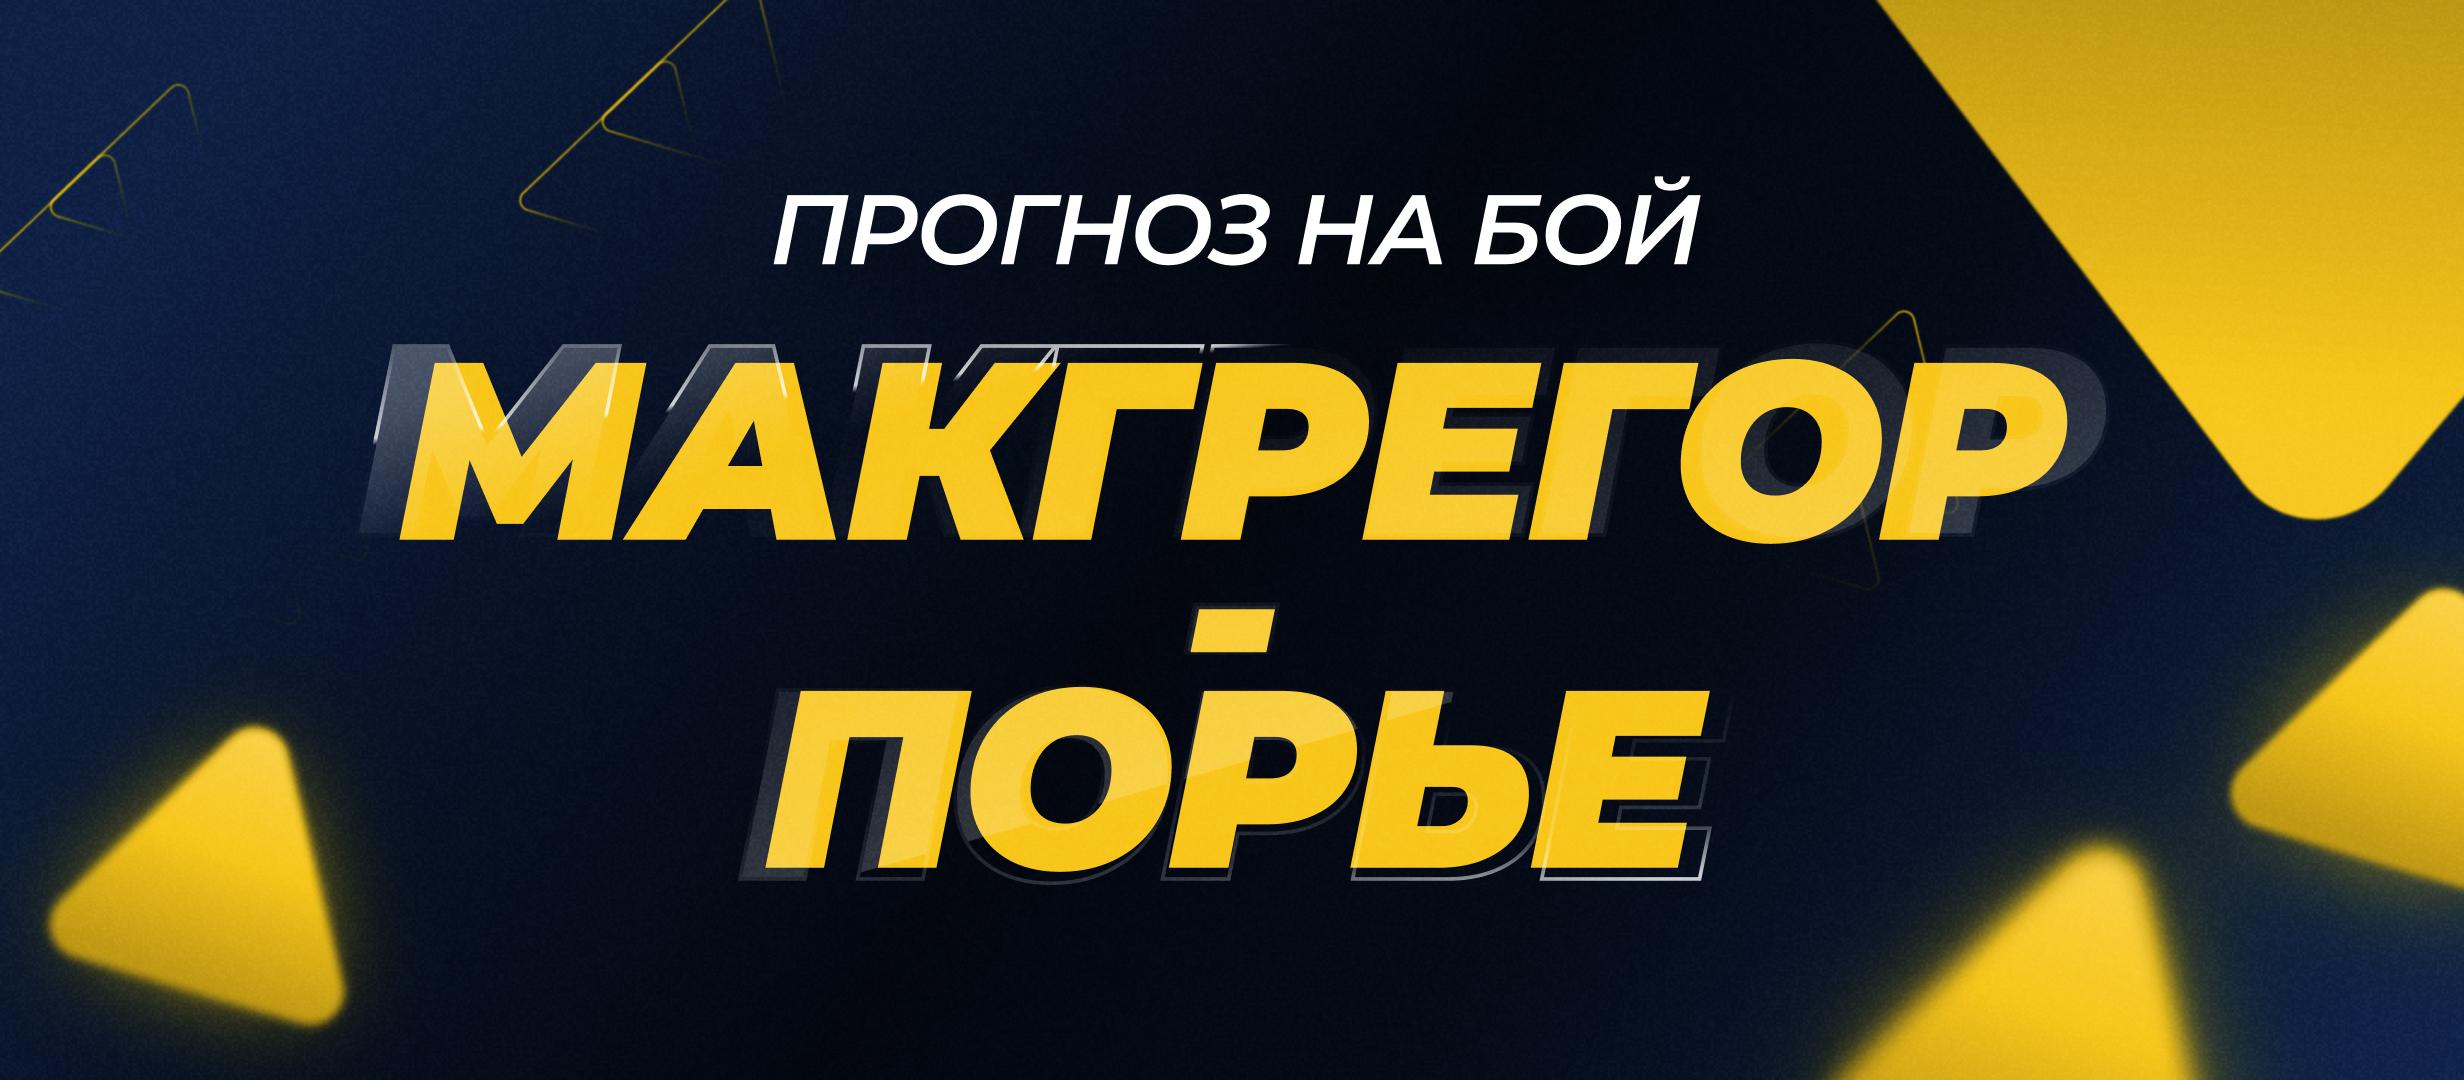 Георгий Макаров: «Конор дерётся скорее ради продвижения и рекламы»